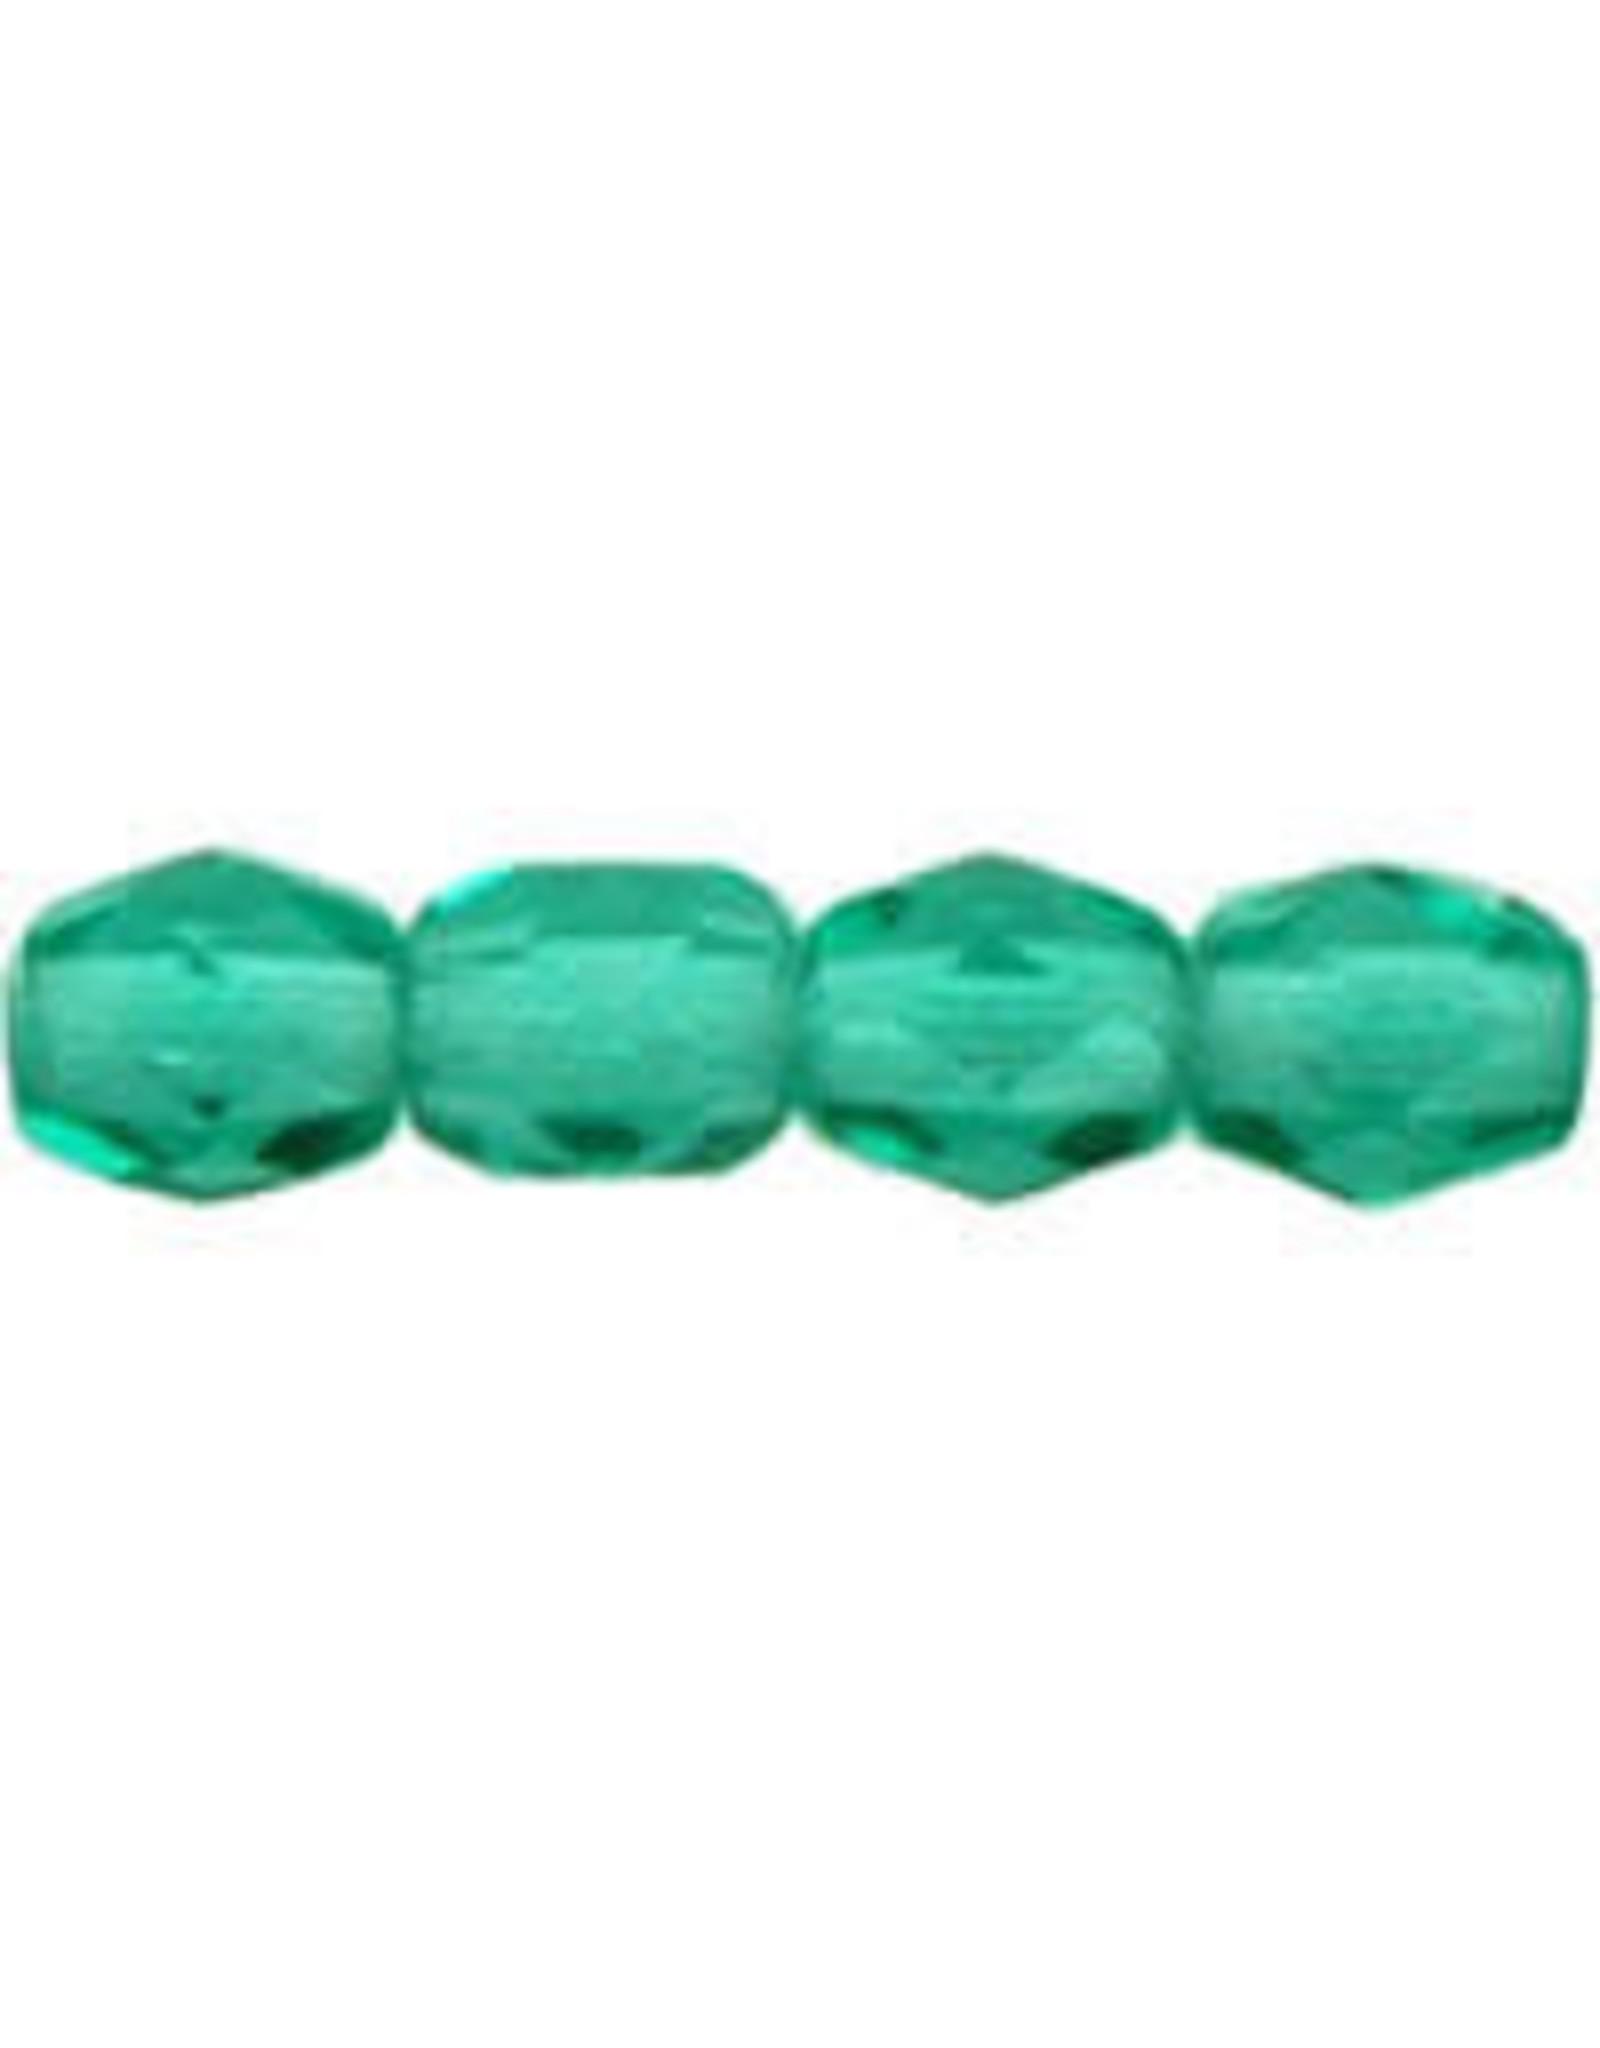 Czech 3mm Fire Polish Emerald Green  x50